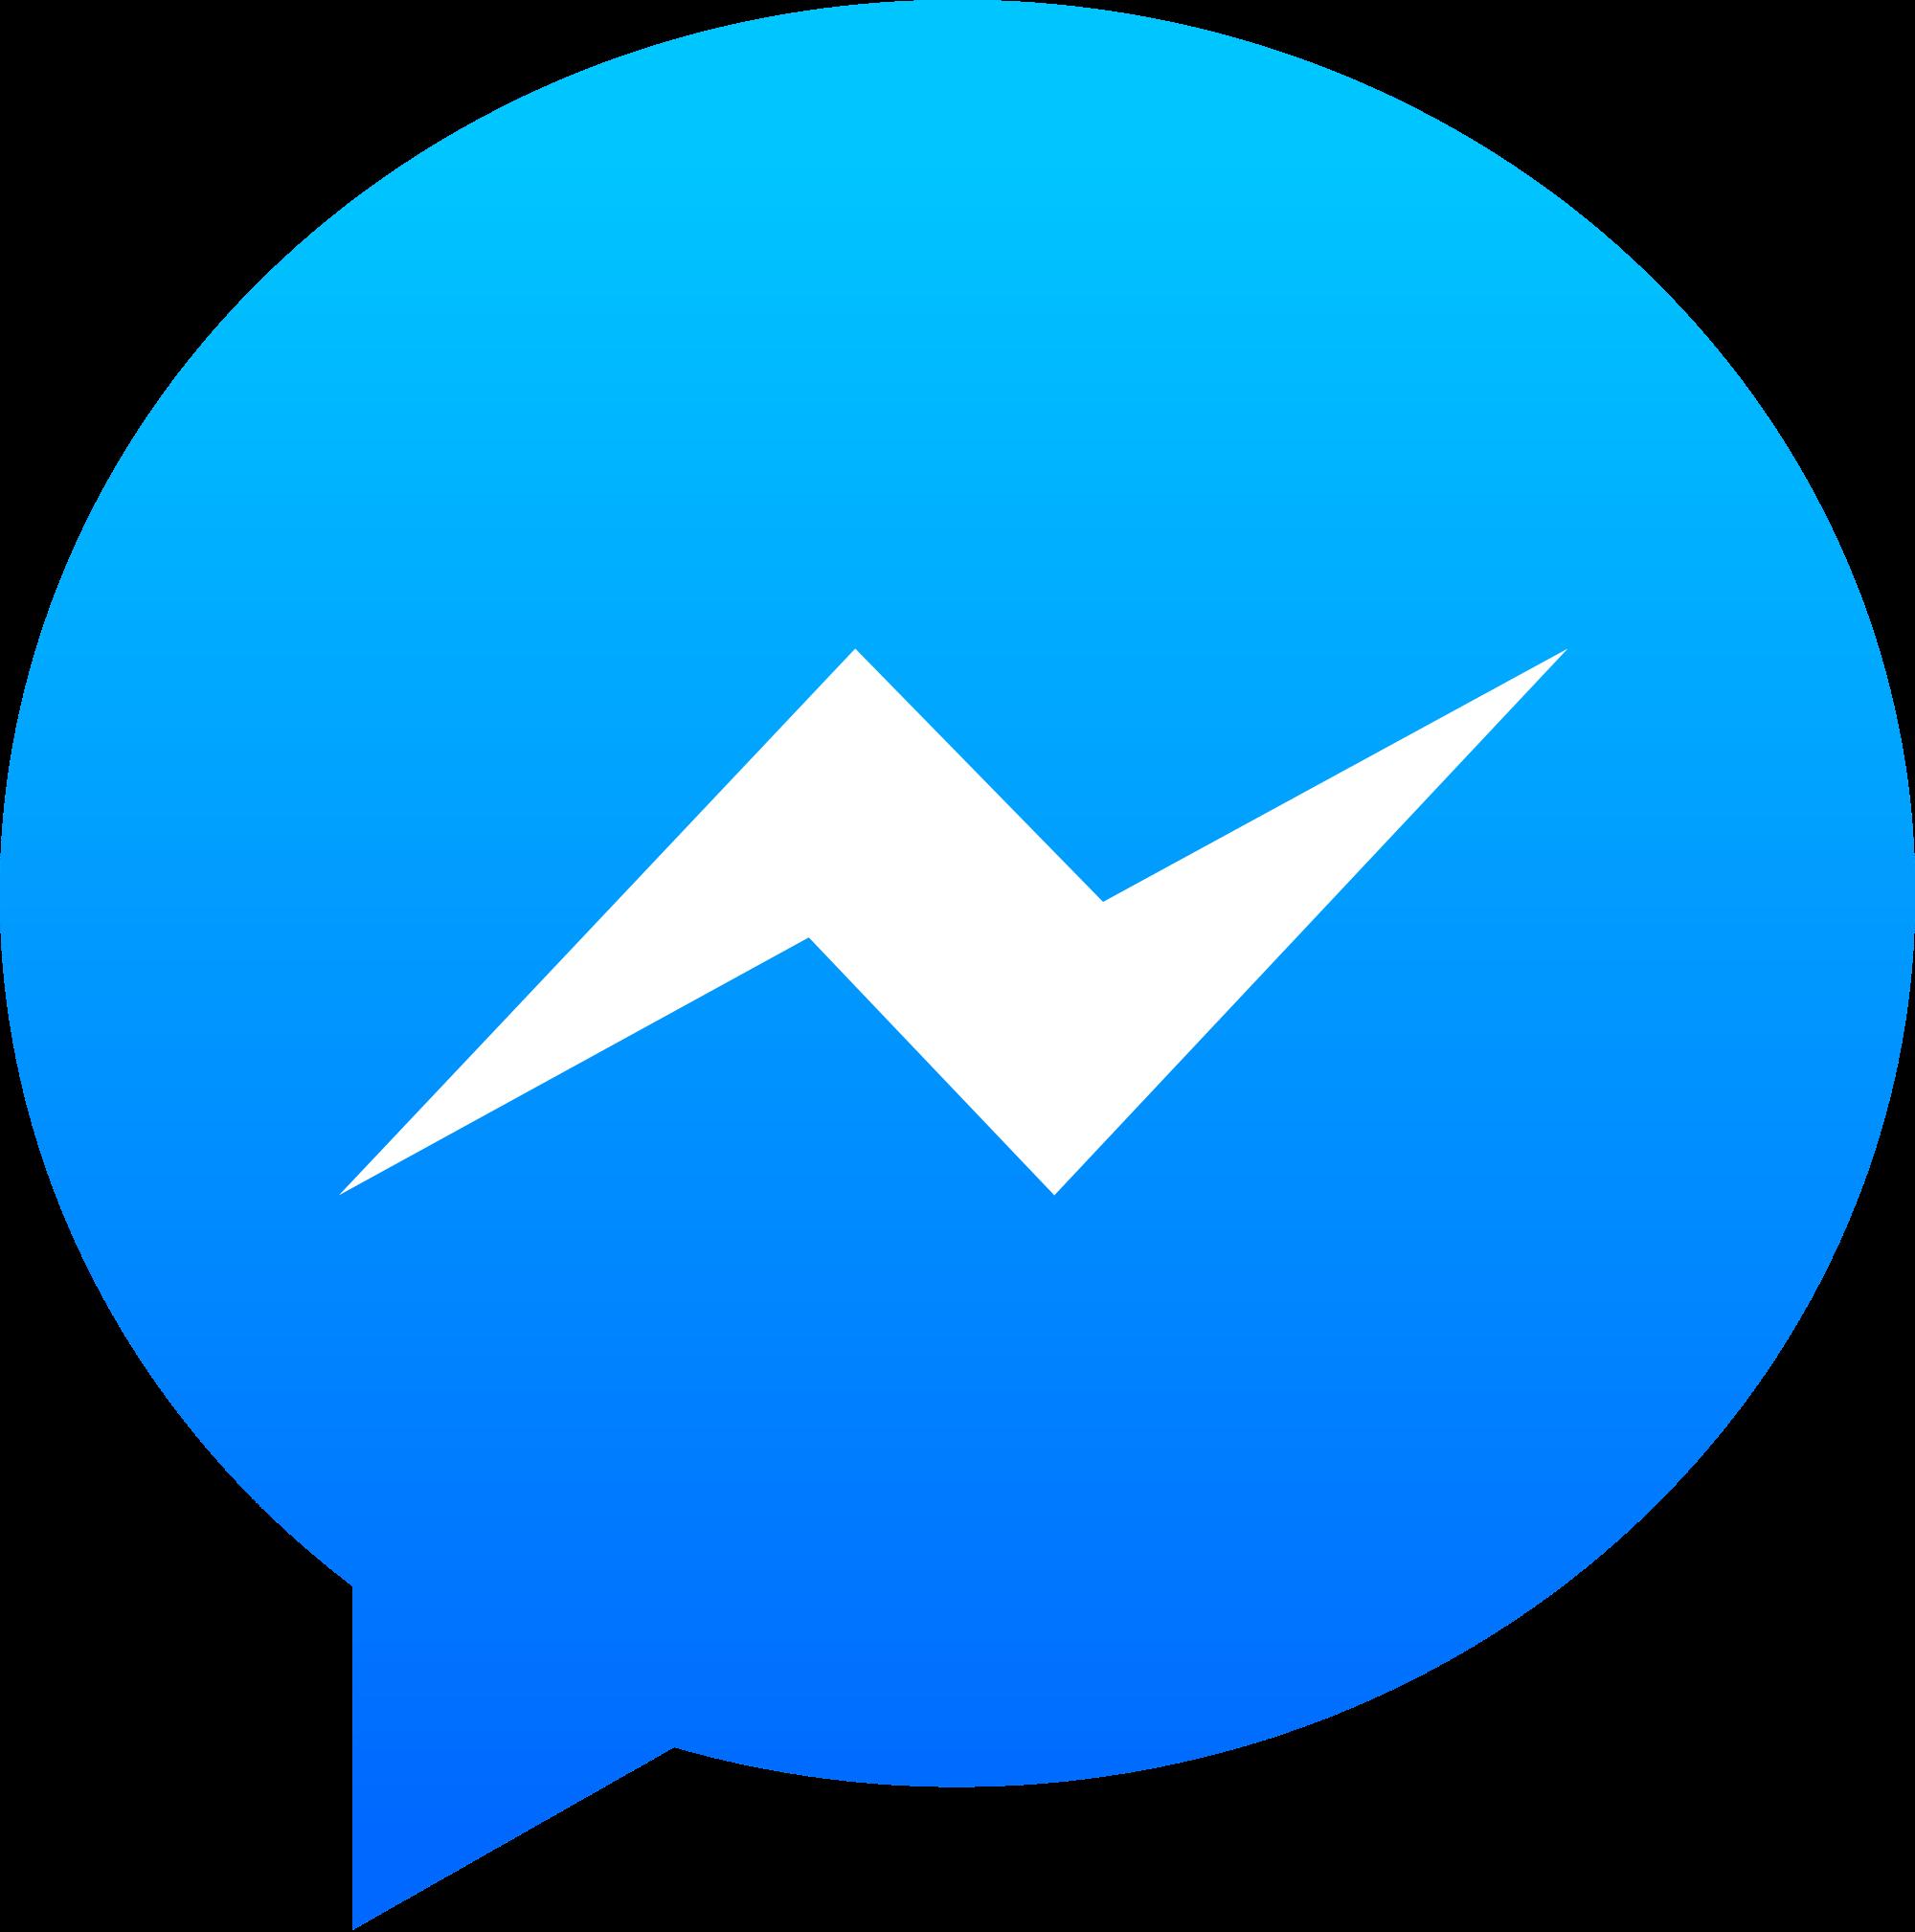 Messenger clipart free jpg download Messenger Logo transparent PNG - StickPNG jpg download